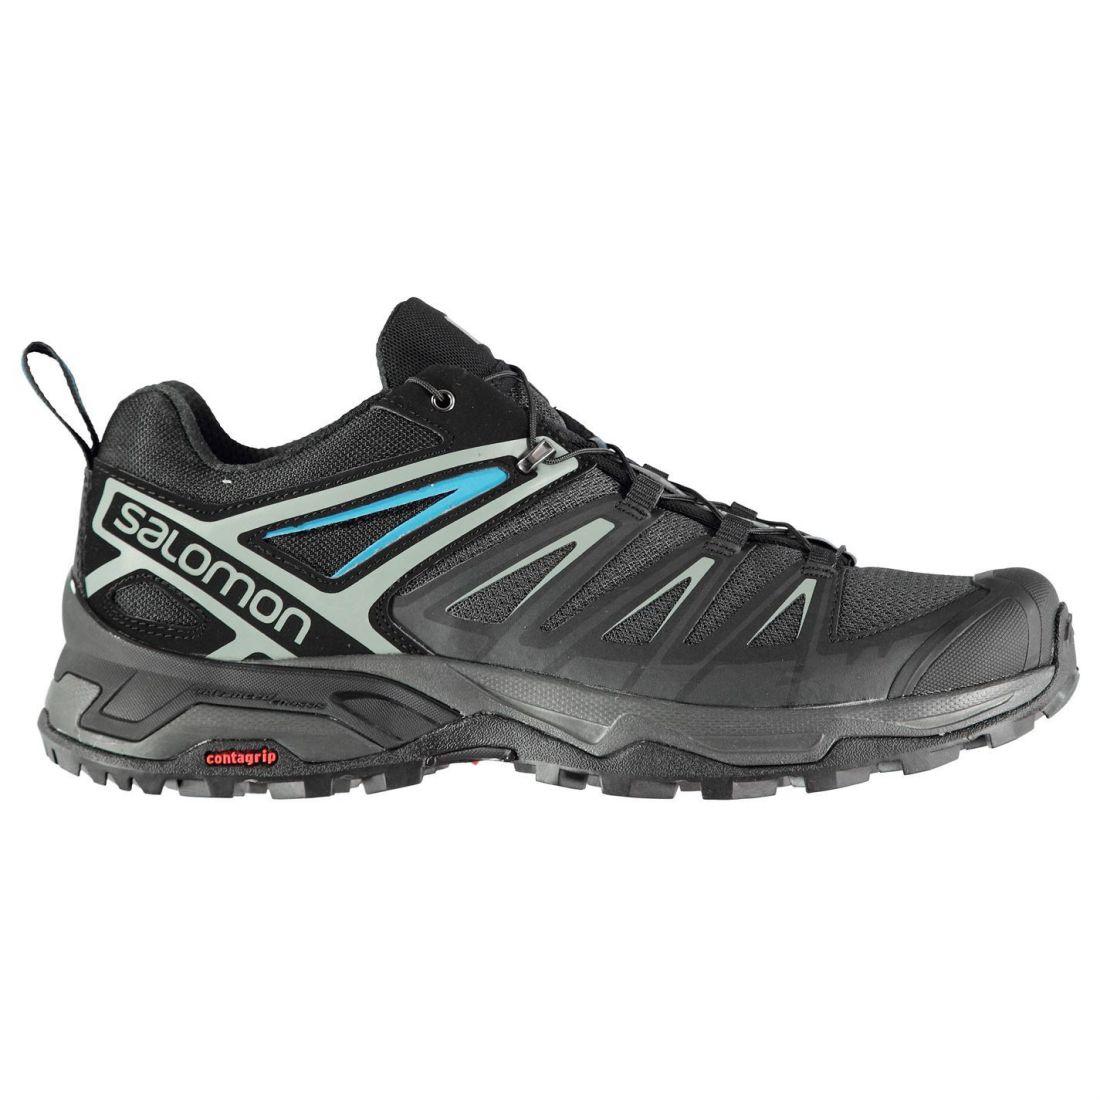 Salomon X Ultra 3 scarpe da passeggio uomo Gents non idrorepellente